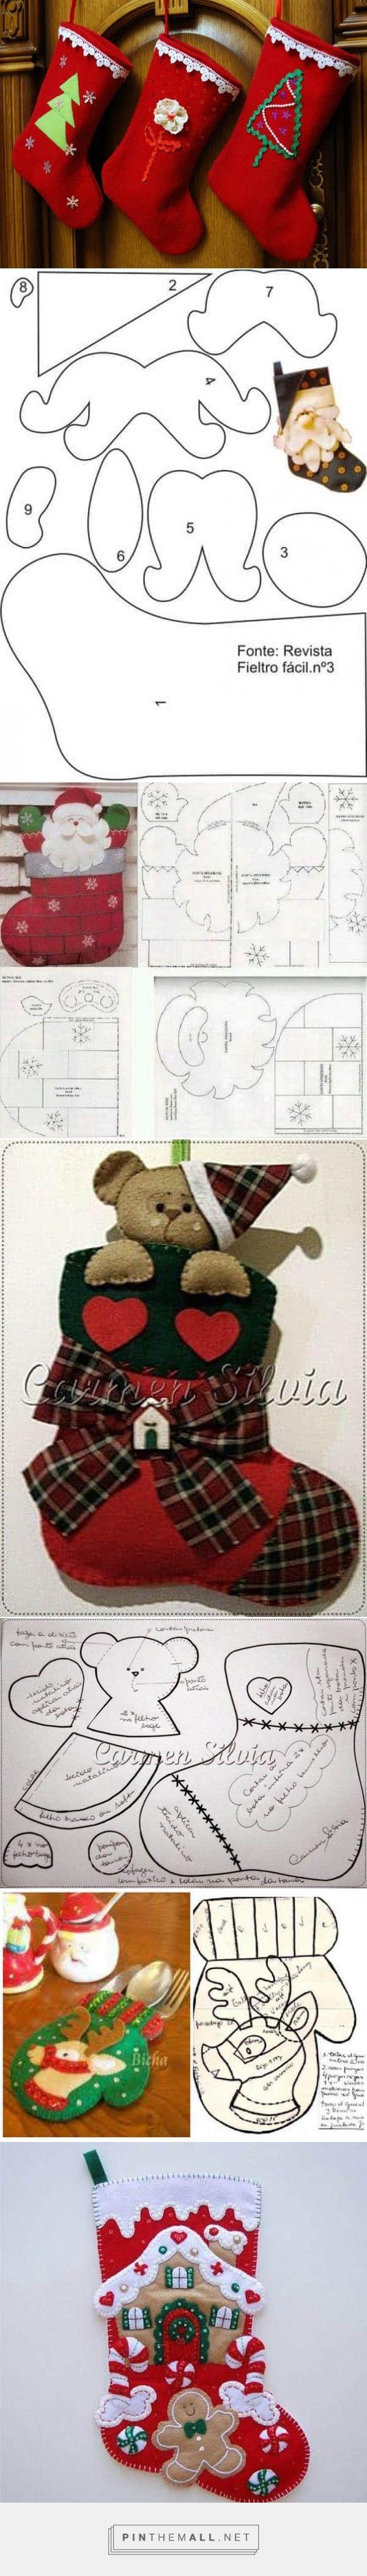 Moldes para hacer botas navideñas de fieltro gratis - created via https://pinthemall.net